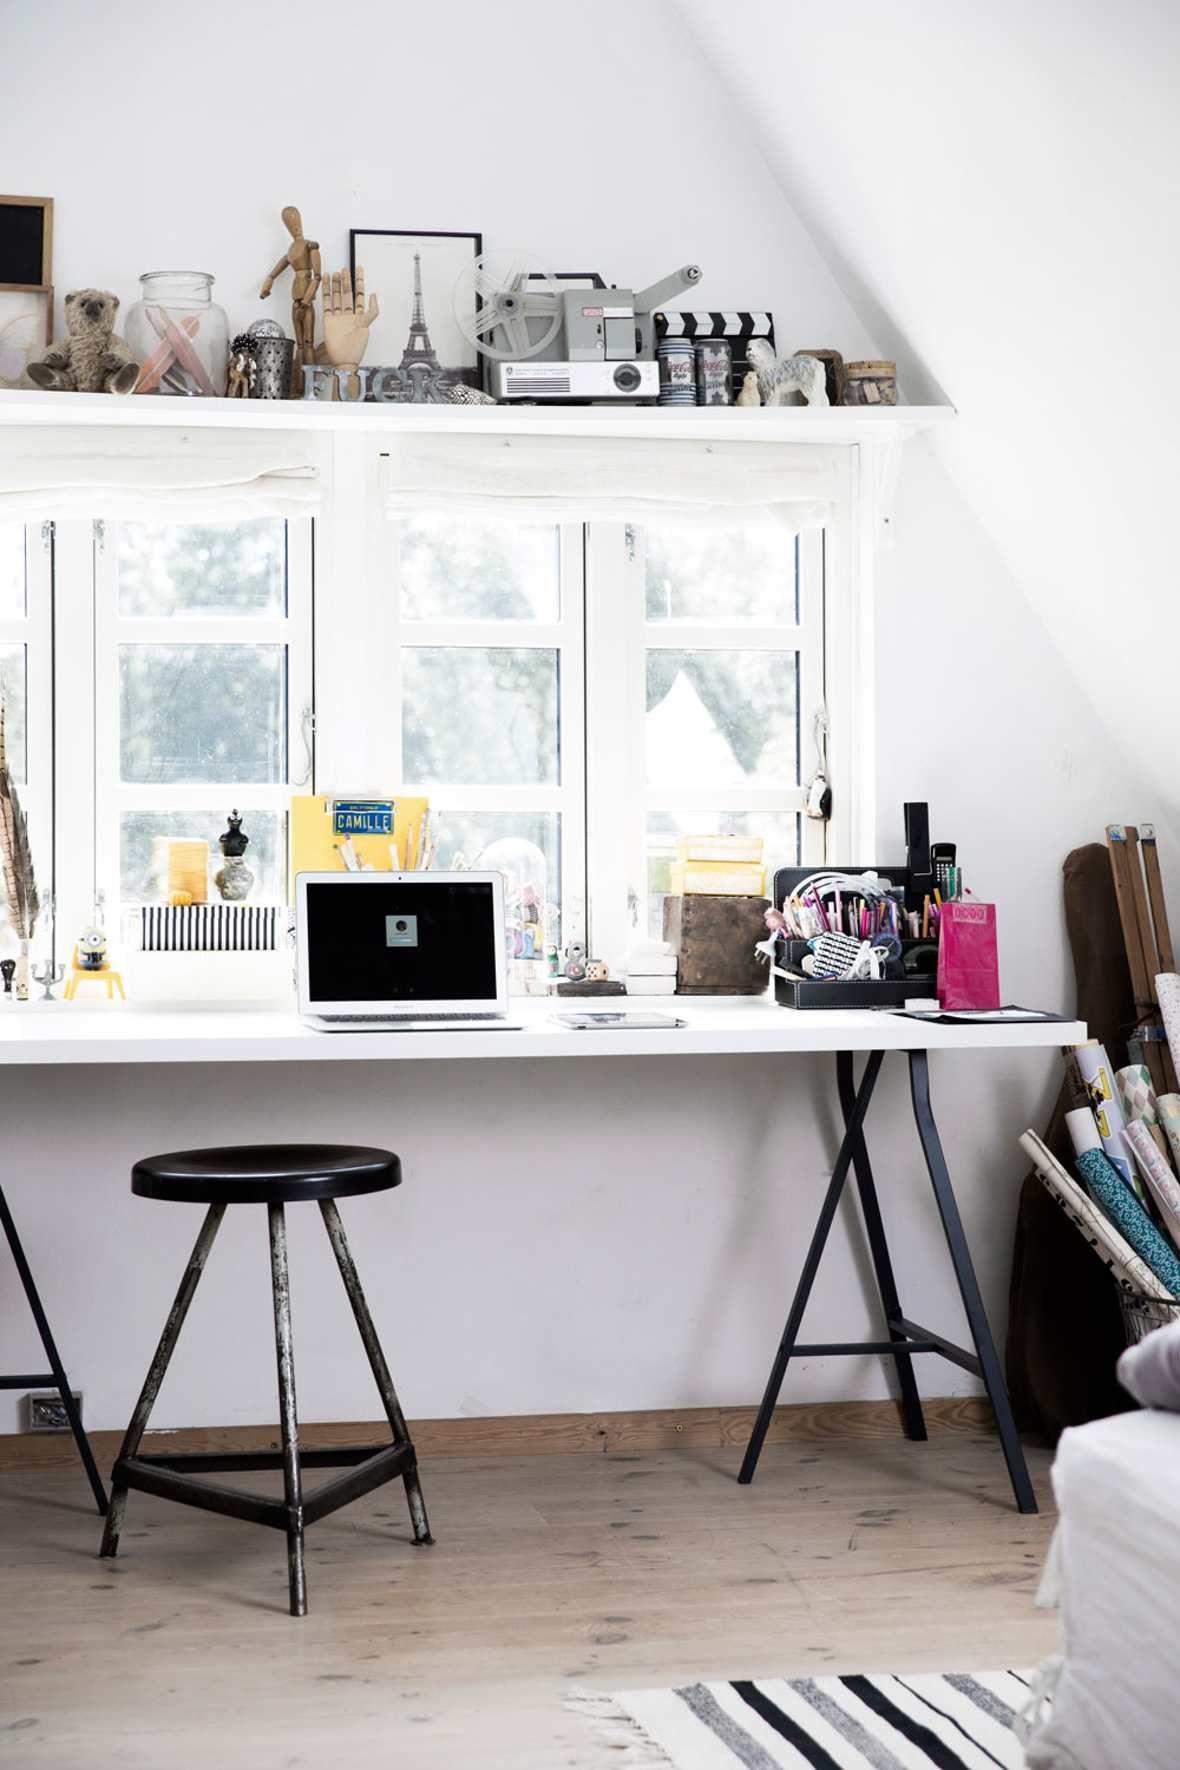 Interessen hennes for gjenbruk gjenspeiles i rommet. Bli med inn og se det hyggelige rommet til kreative Camille på 14 år. #interessen